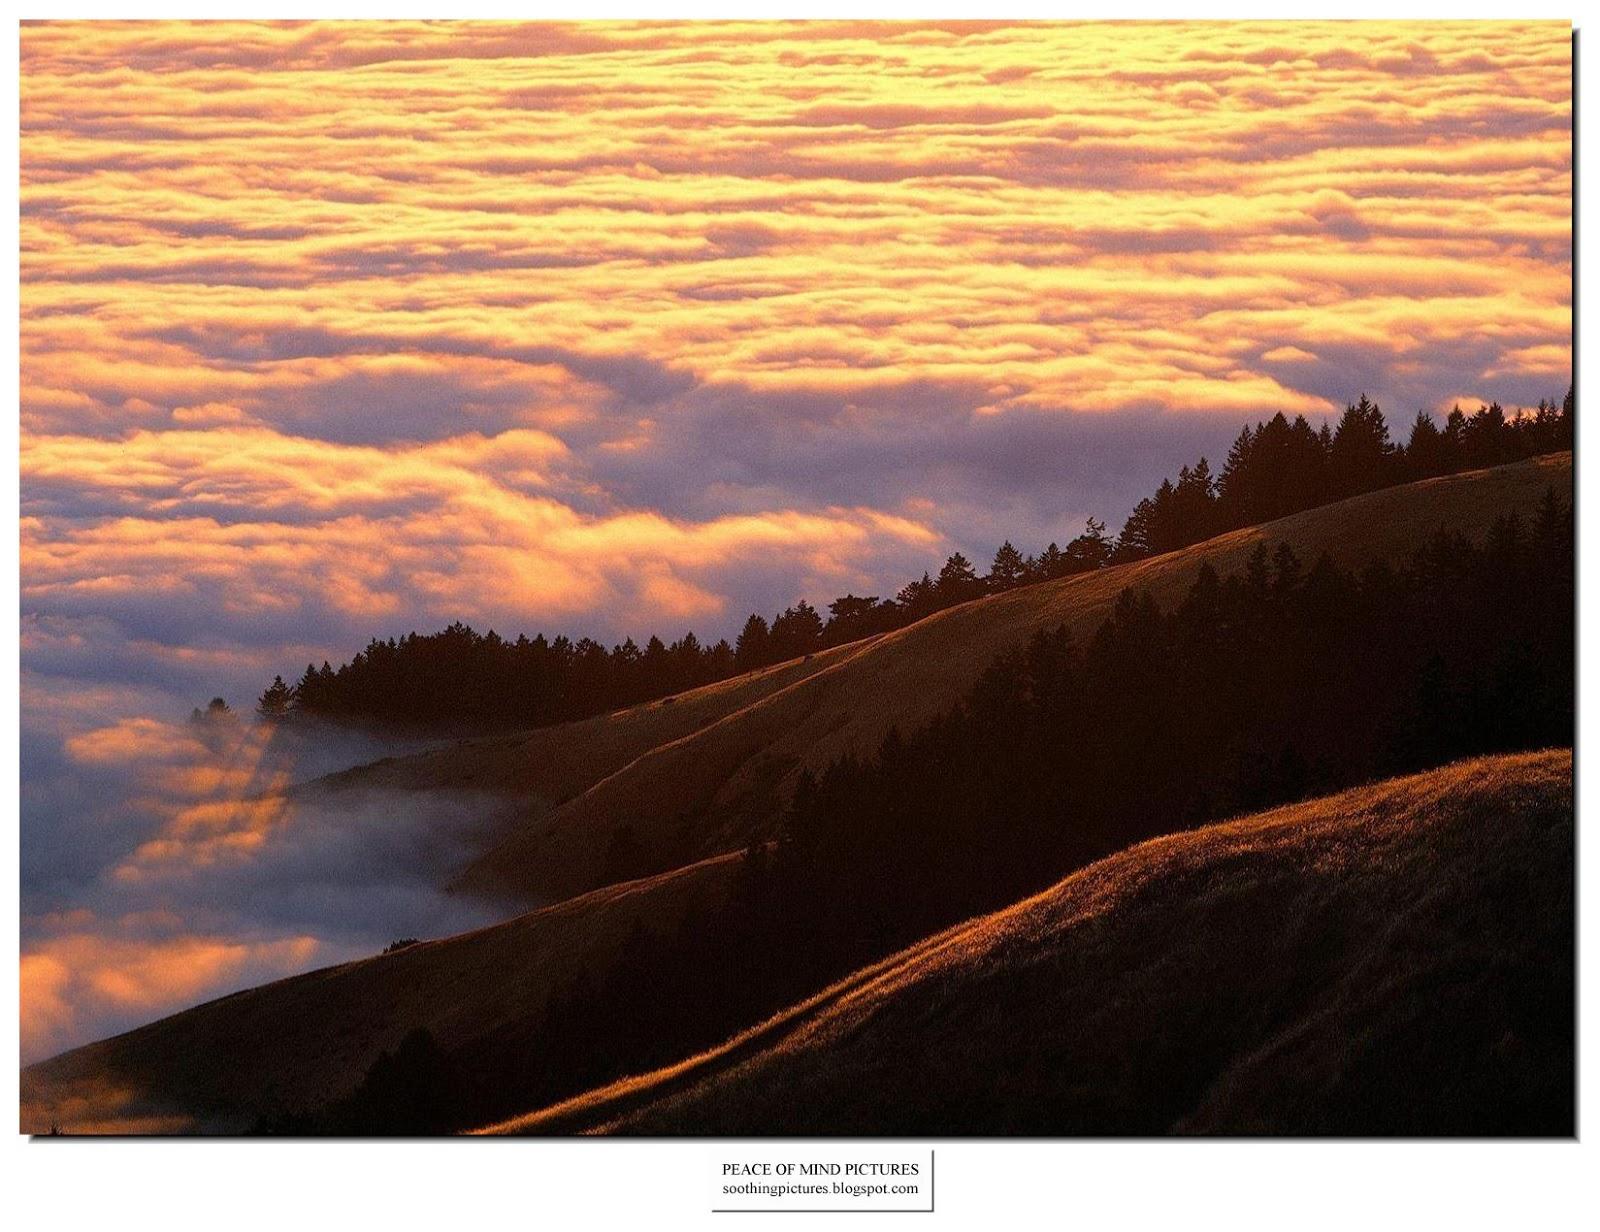 http://2.bp.blogspot.com/_8KMrX6Wq1ko/TLcUzX01E2I/AAAAAAAAH6E/Qktu1v5iGEg/s1600/peace-of-mind-pictures-fog-009.jpg